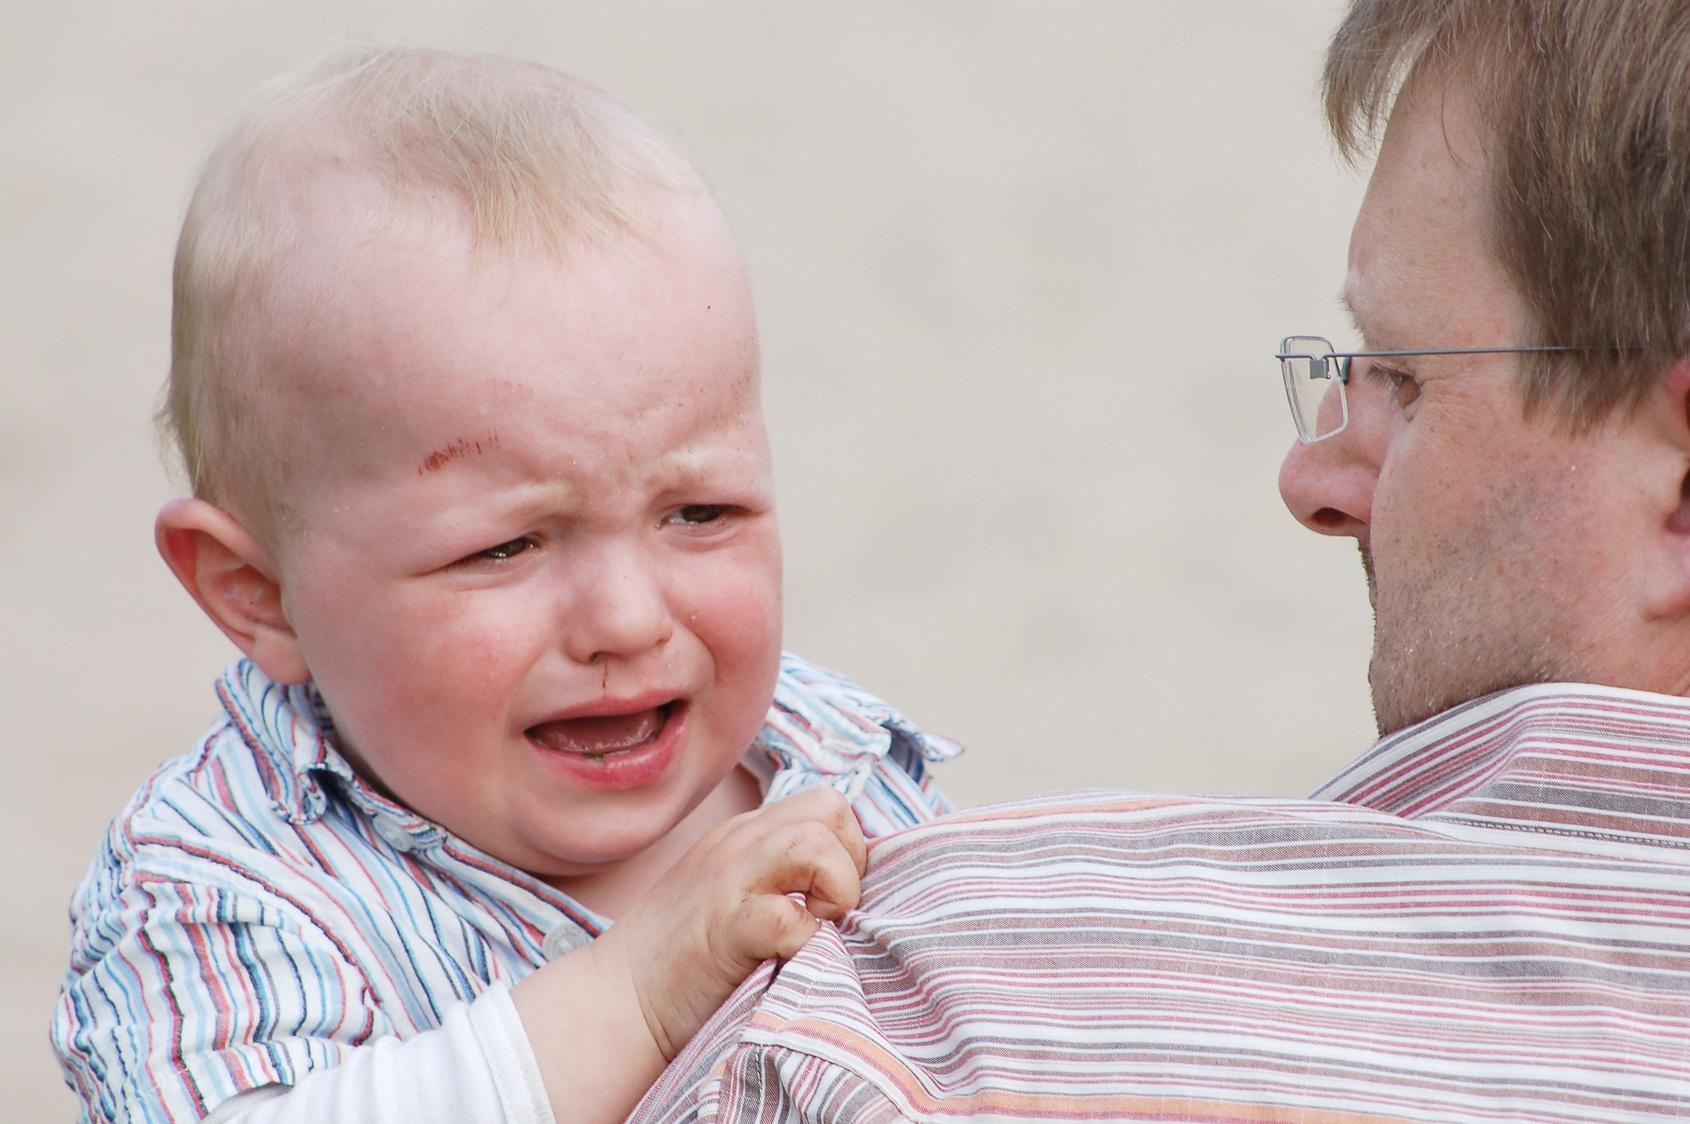 Dziecko Uderzyło Się W Głowę Uraz Głowy U Dziecka Osesekpl